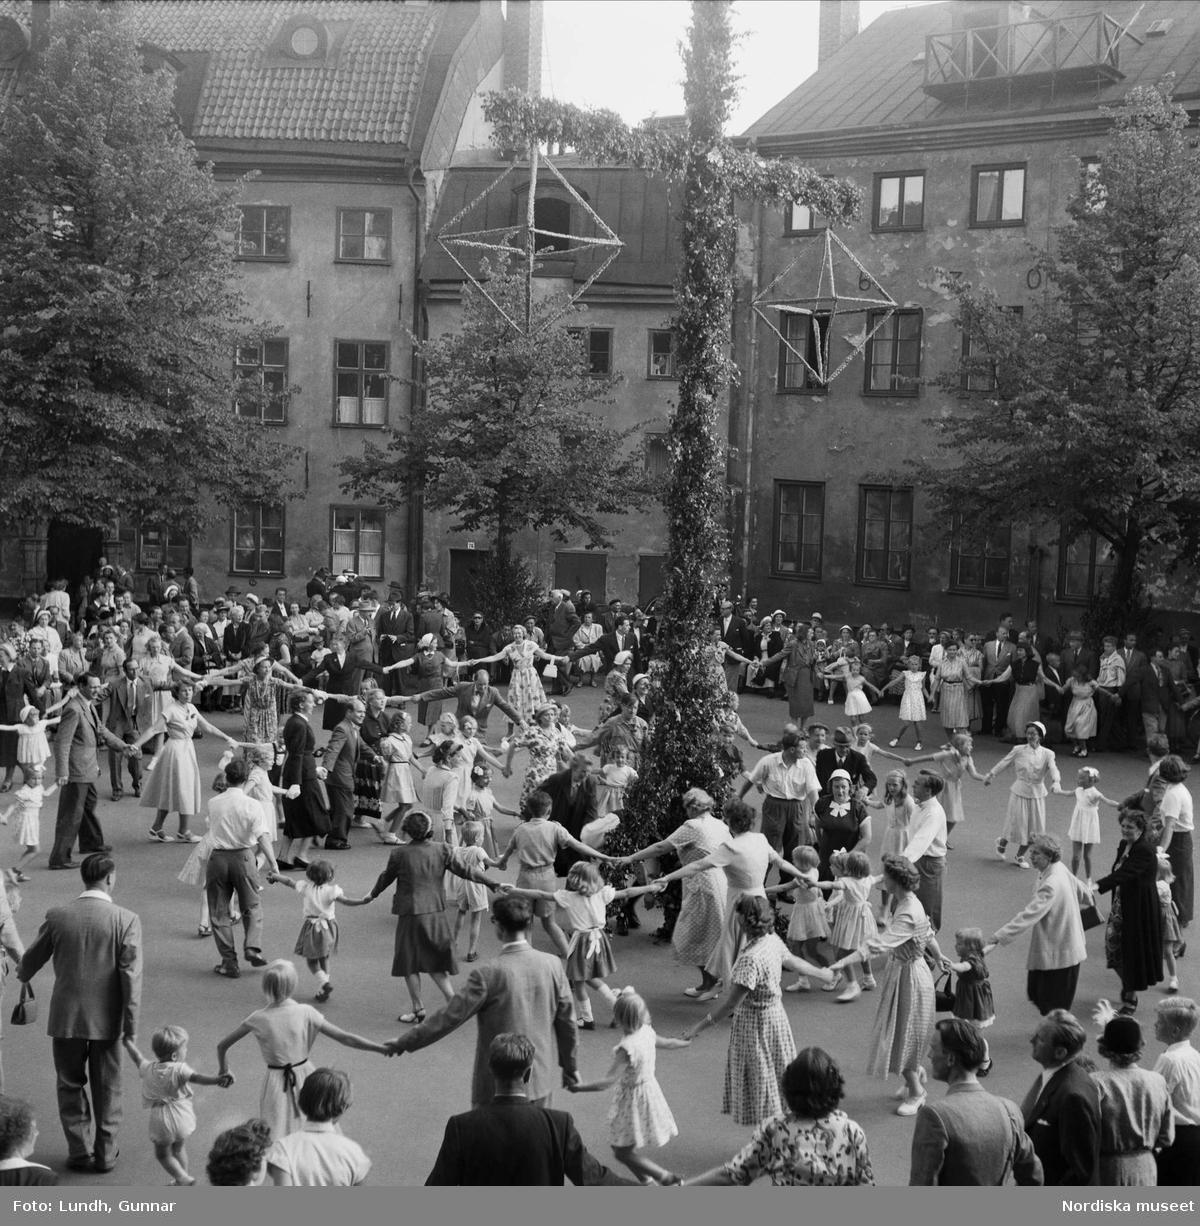 Årshögtider. Midsommar. Midsommar i Gamla stan, Stockholm. Människor dansar runt en midsommarstång på en innergård.